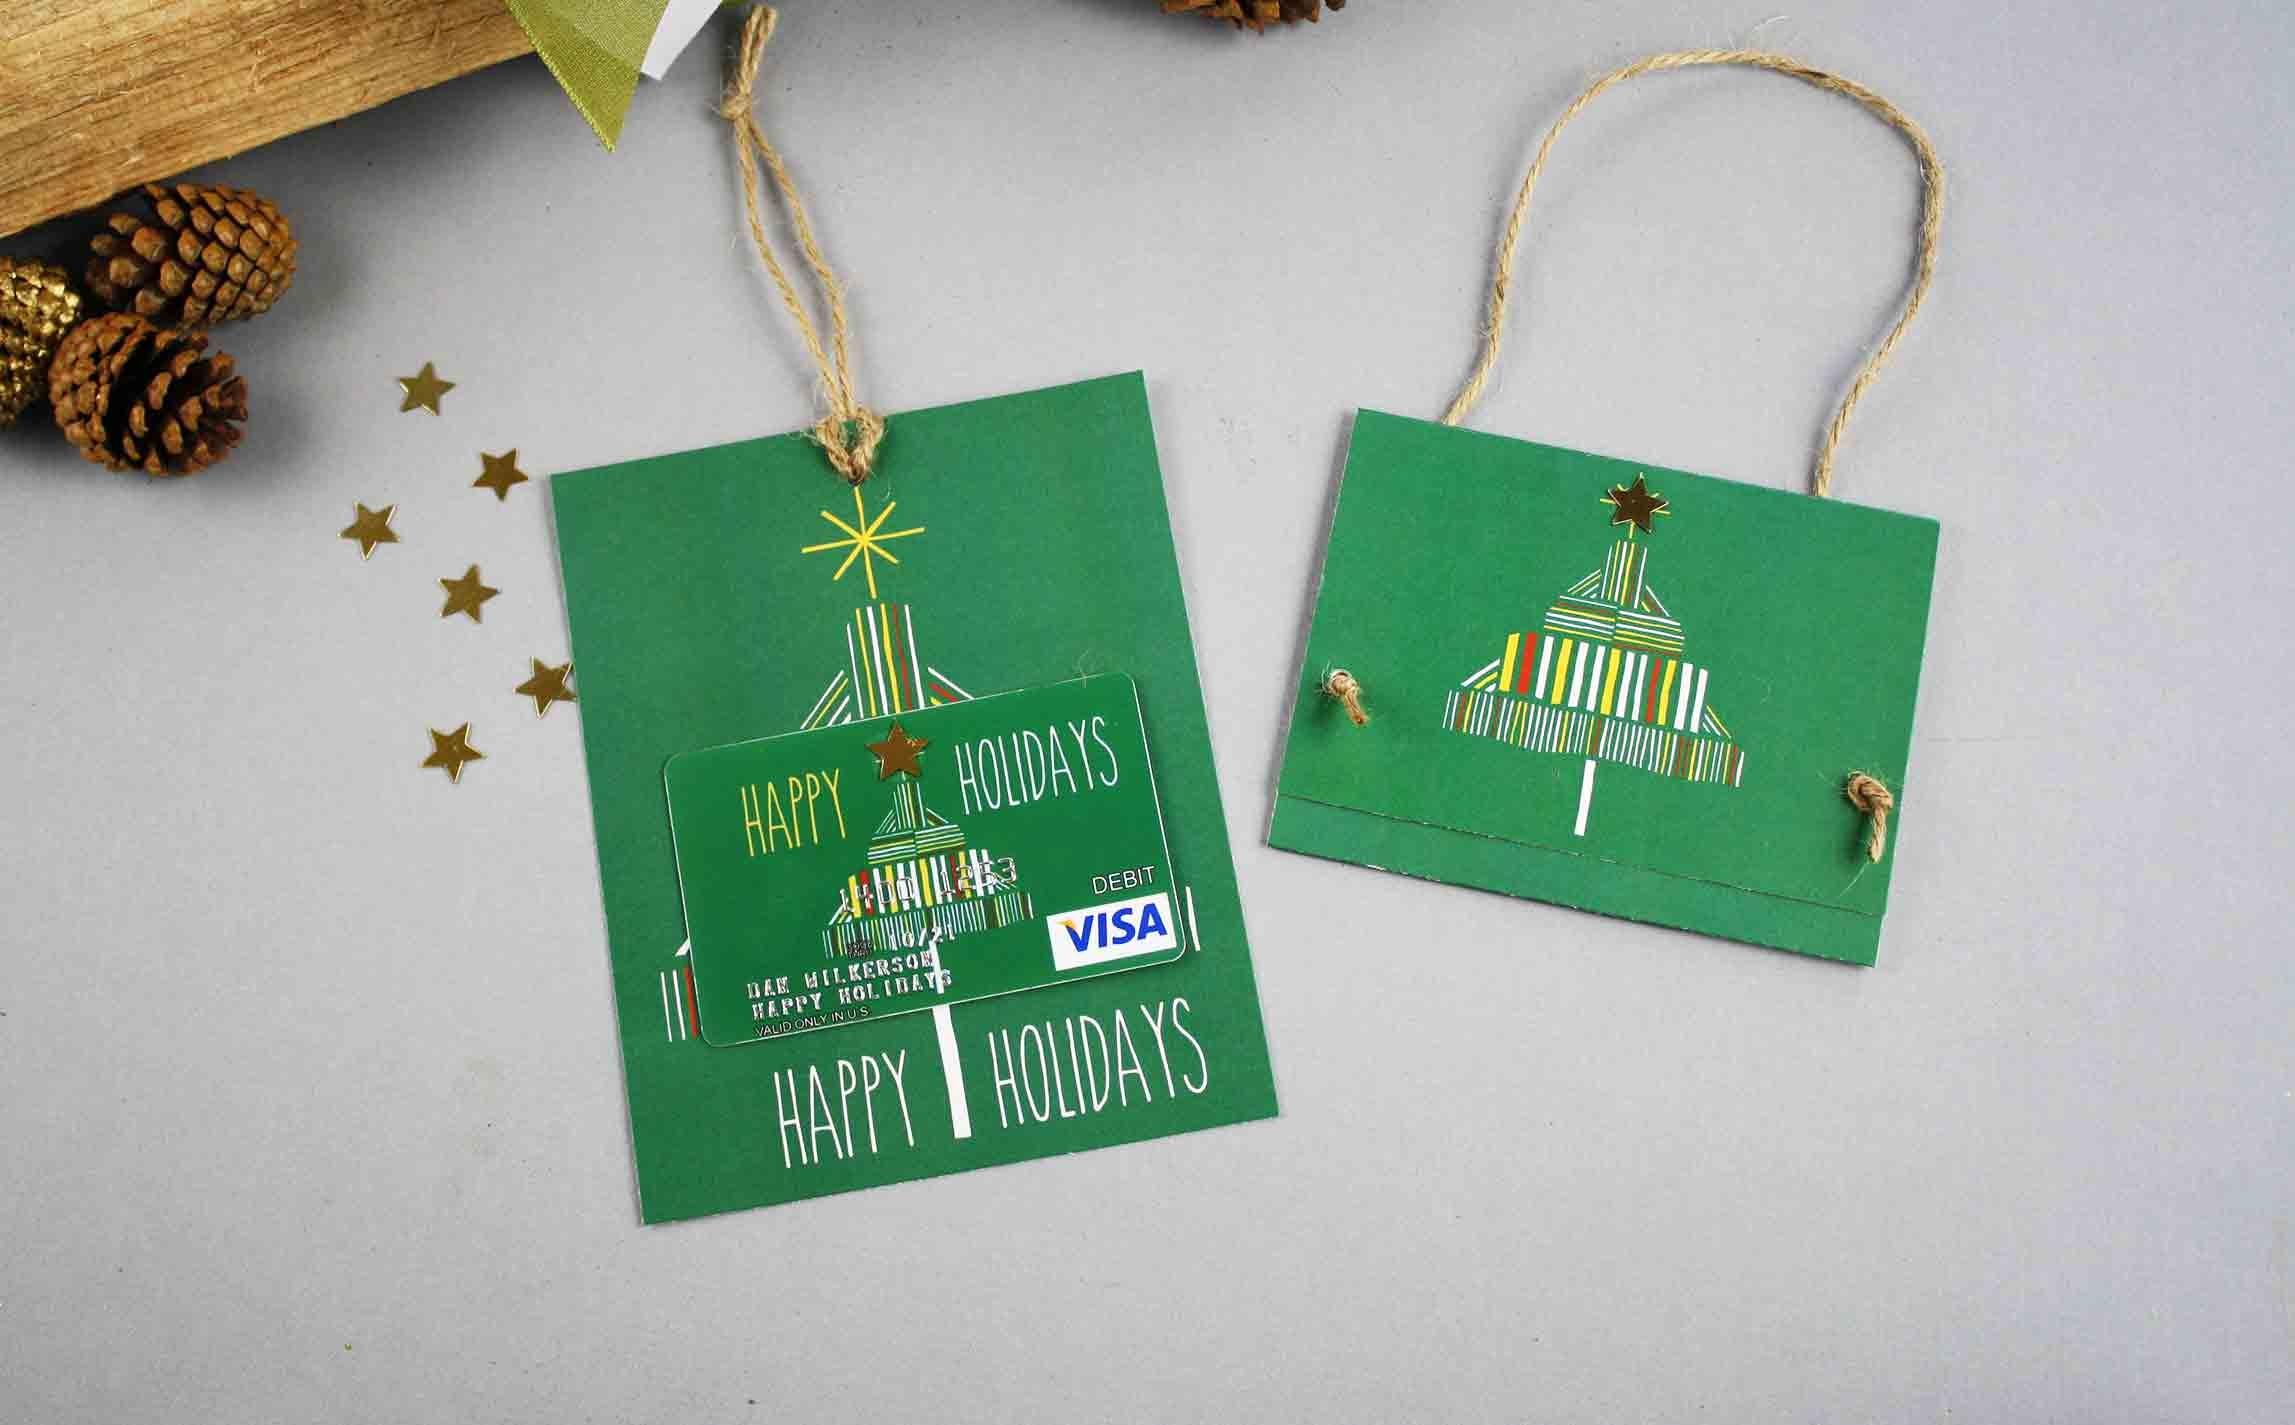 Free Gift Card Printable: Happy Holidays   Gcg - Free Printable Flat Christmas Cards